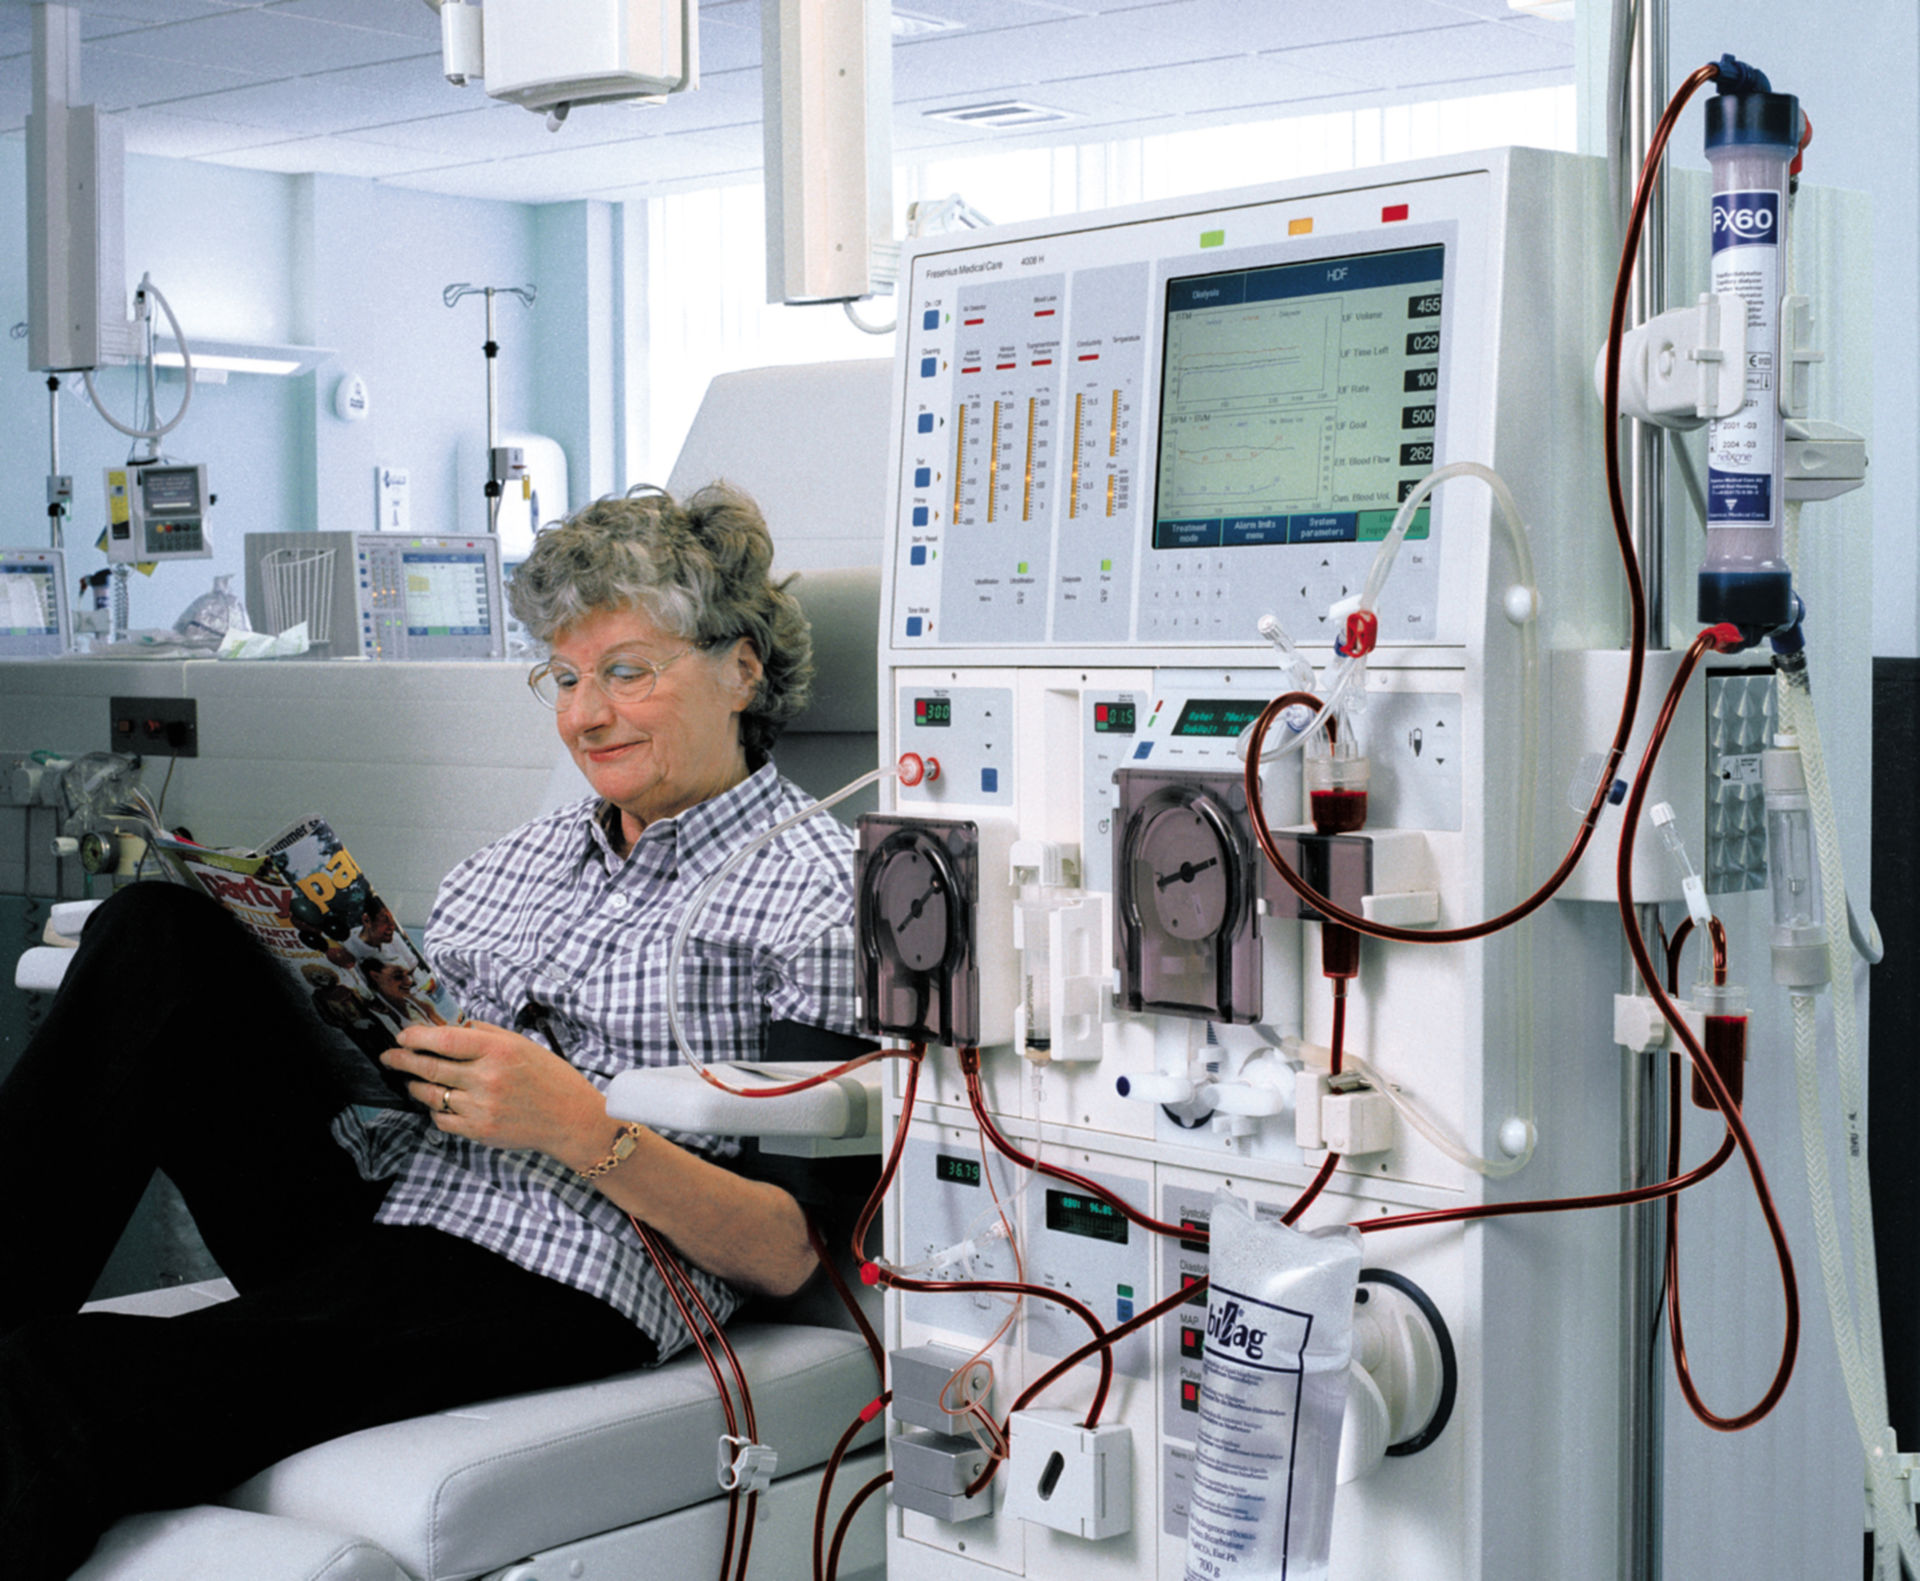 Dialysis apperatus